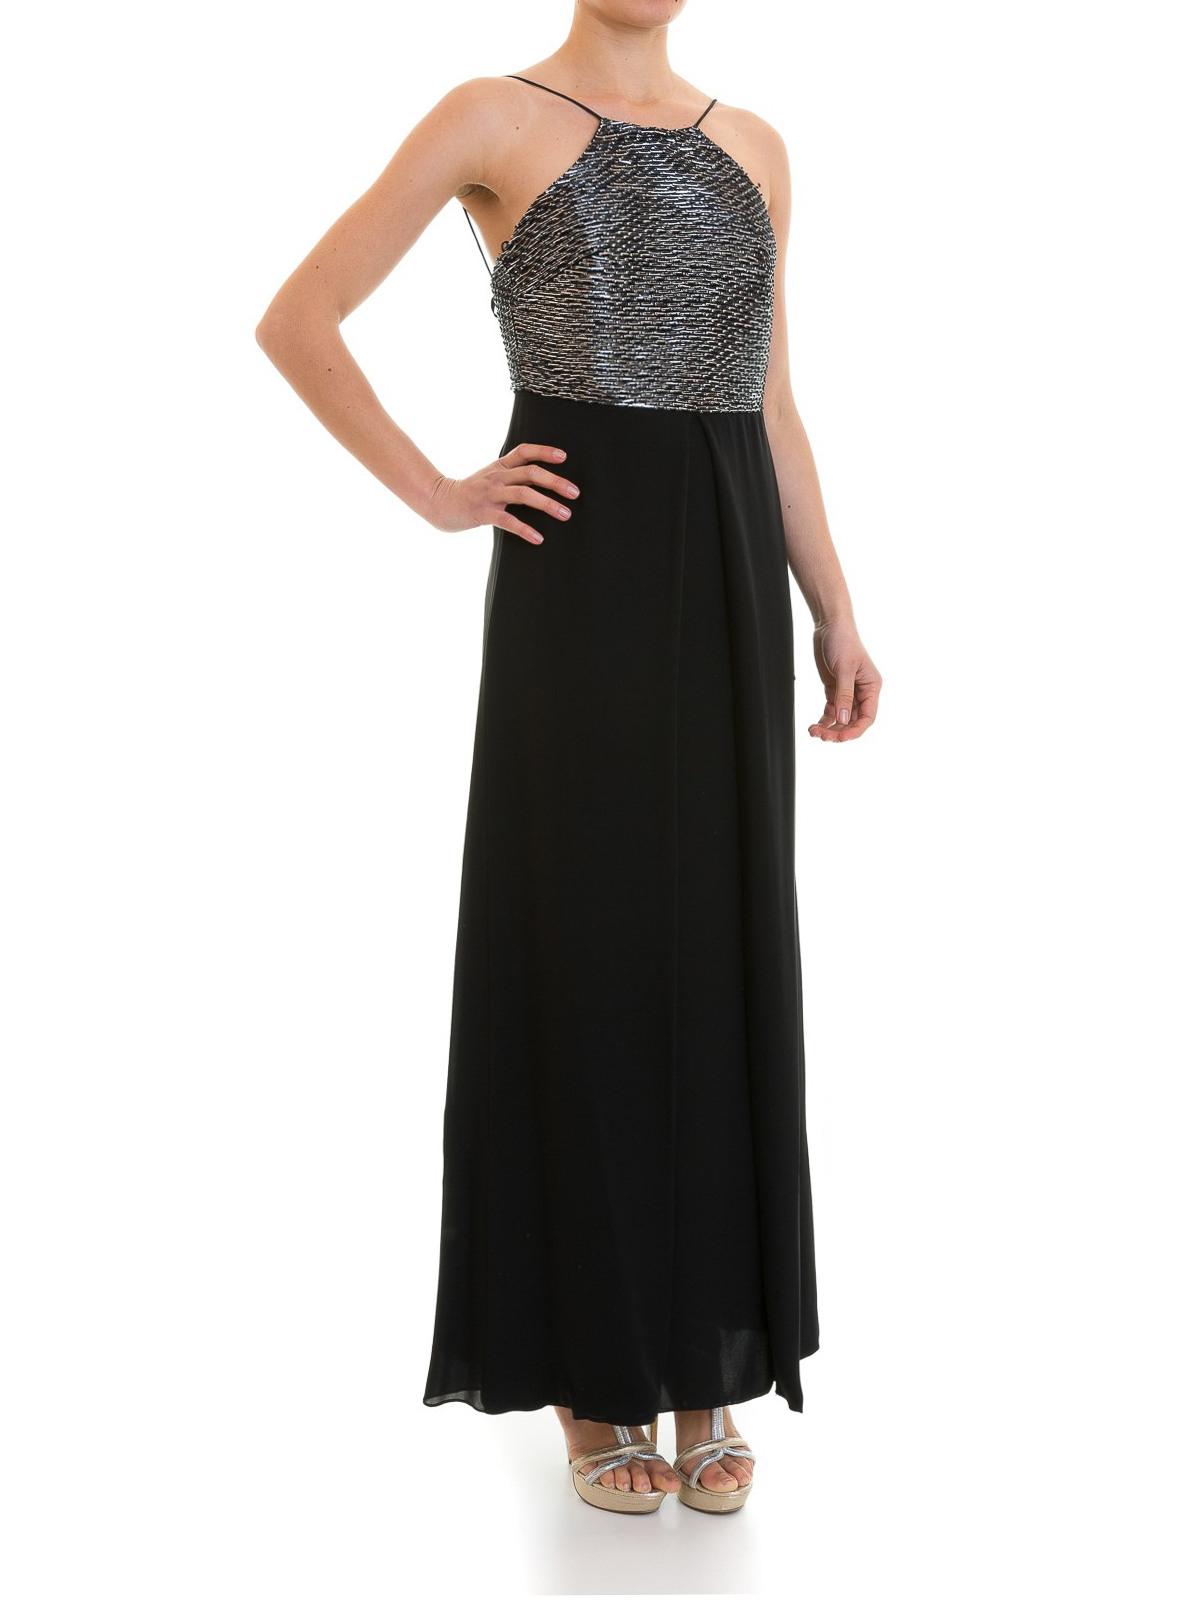 10 Einzigartig Armani Abendkleider Spezialgebiet13 Spektakulär Armani Abendkleider Stylish